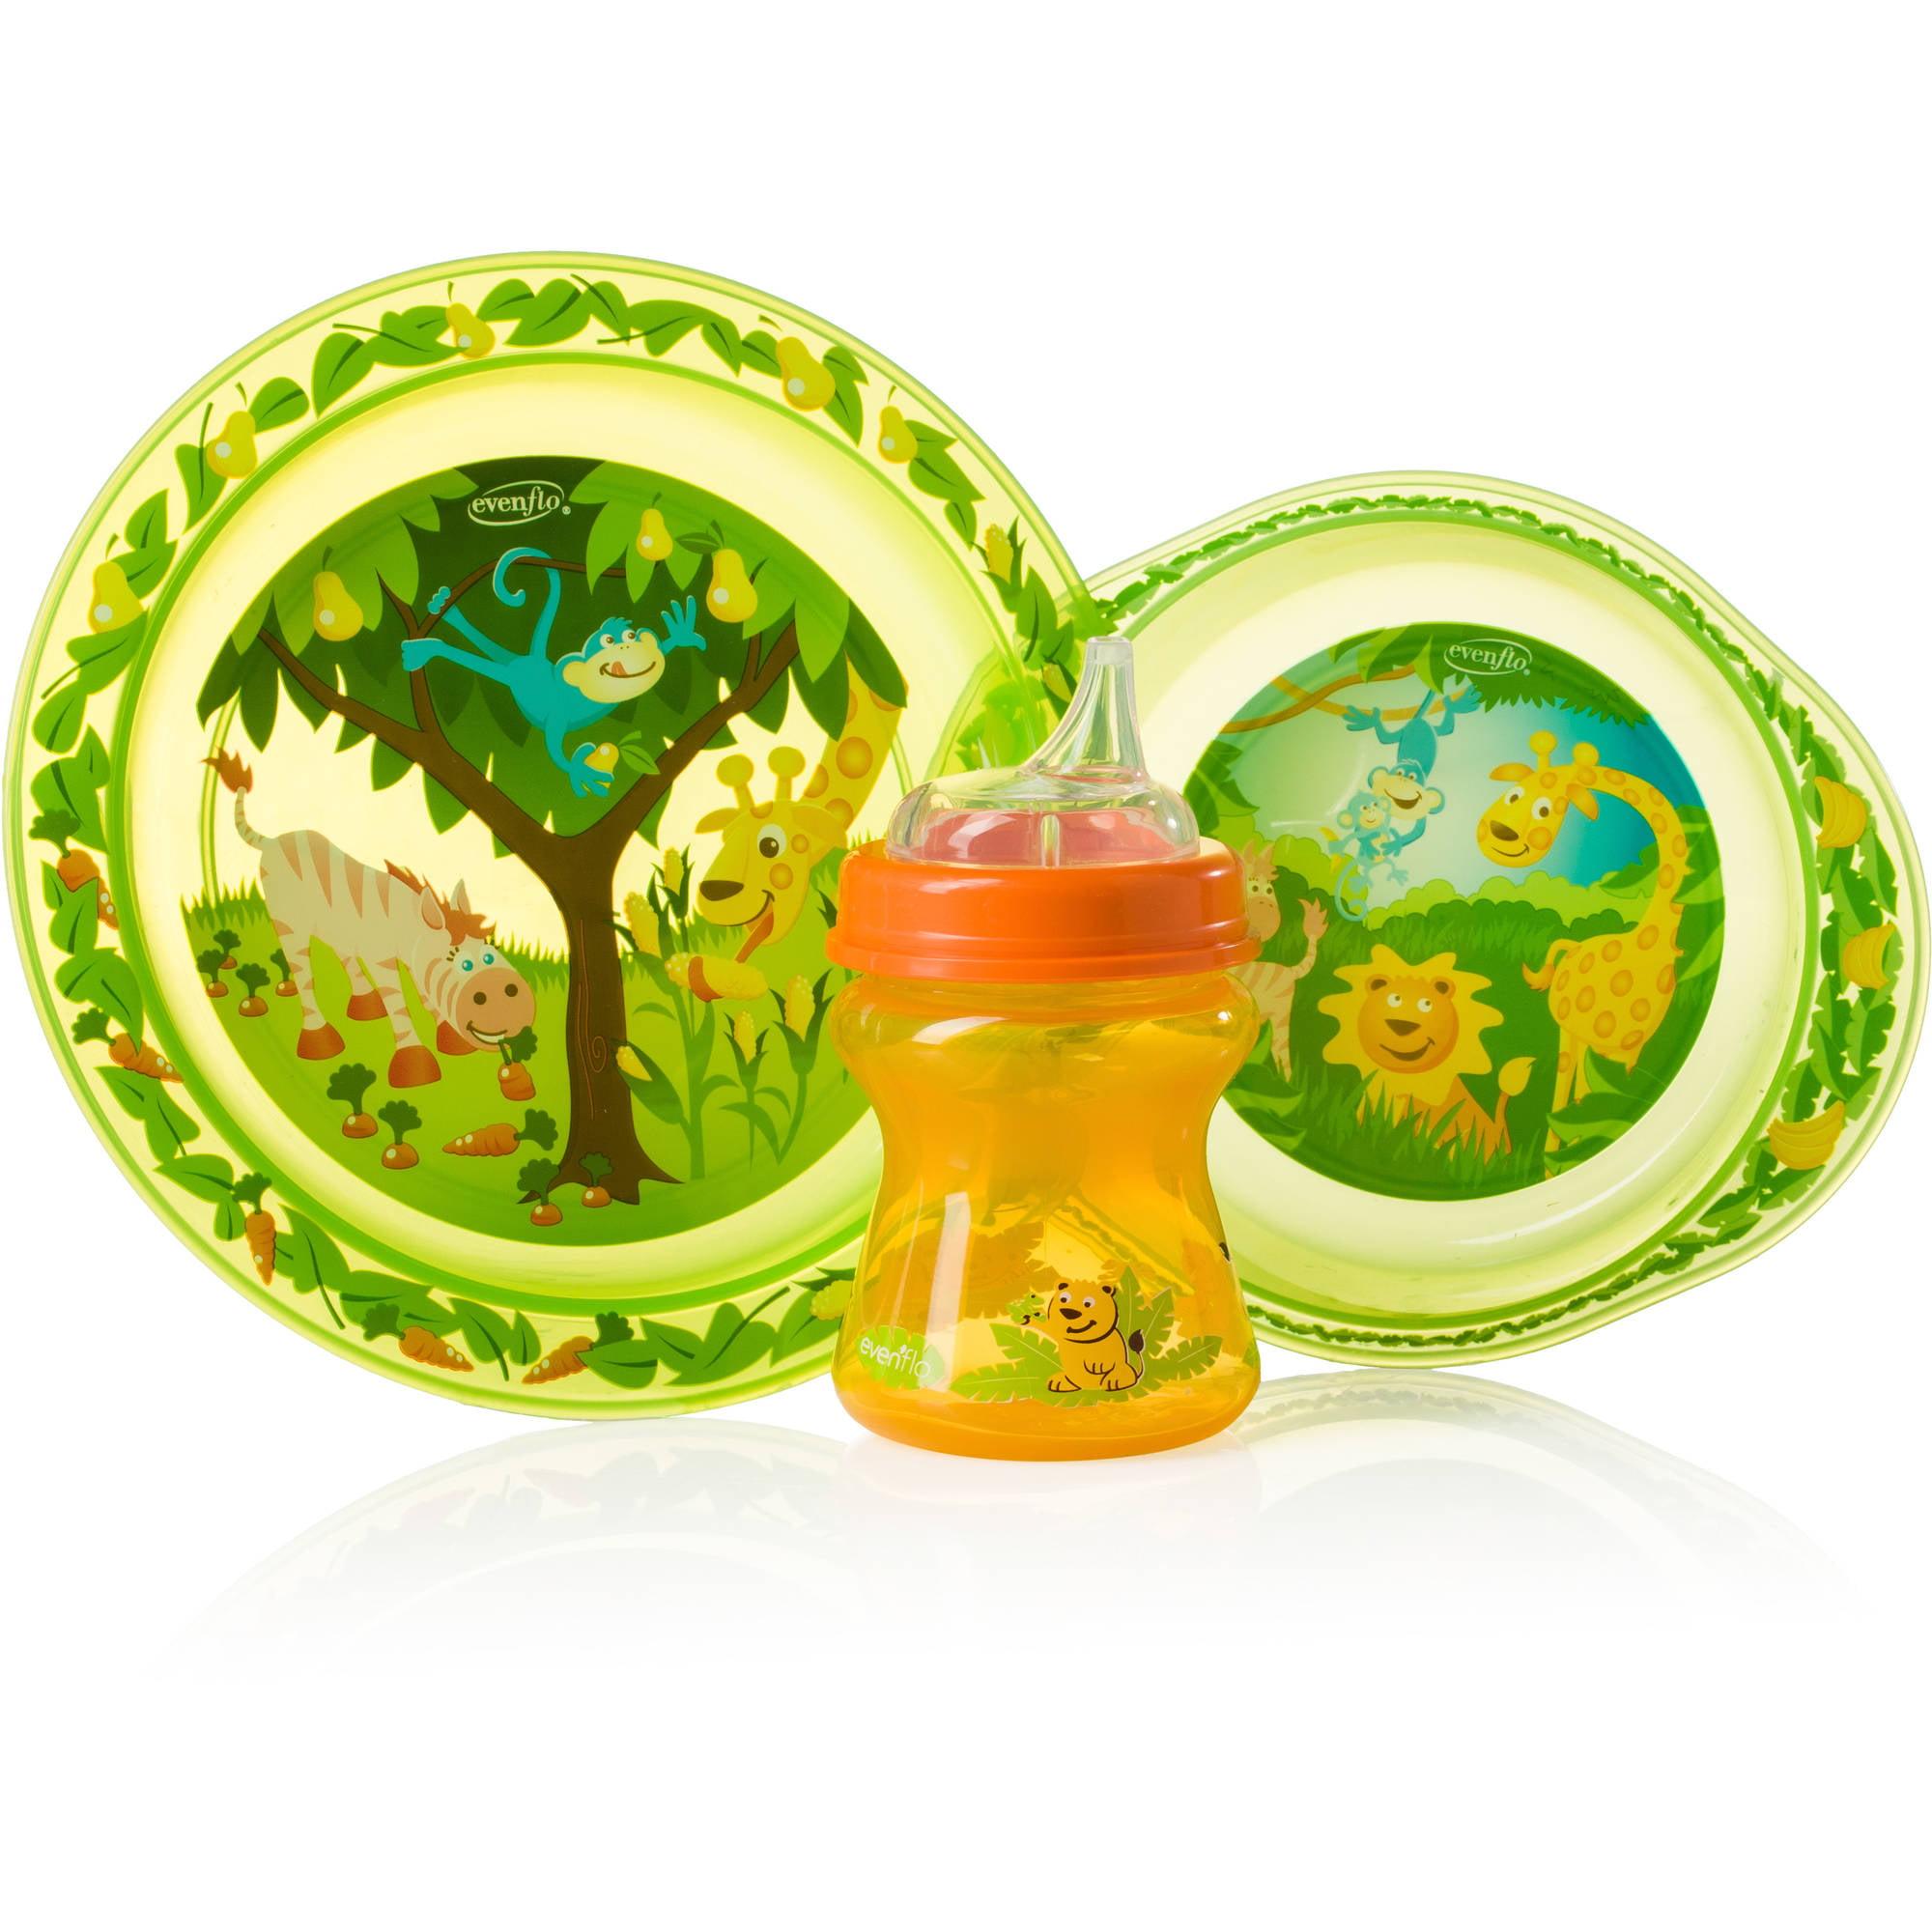 Evenflo Zoo Friends Toddler Feeding Set, BPA-Free